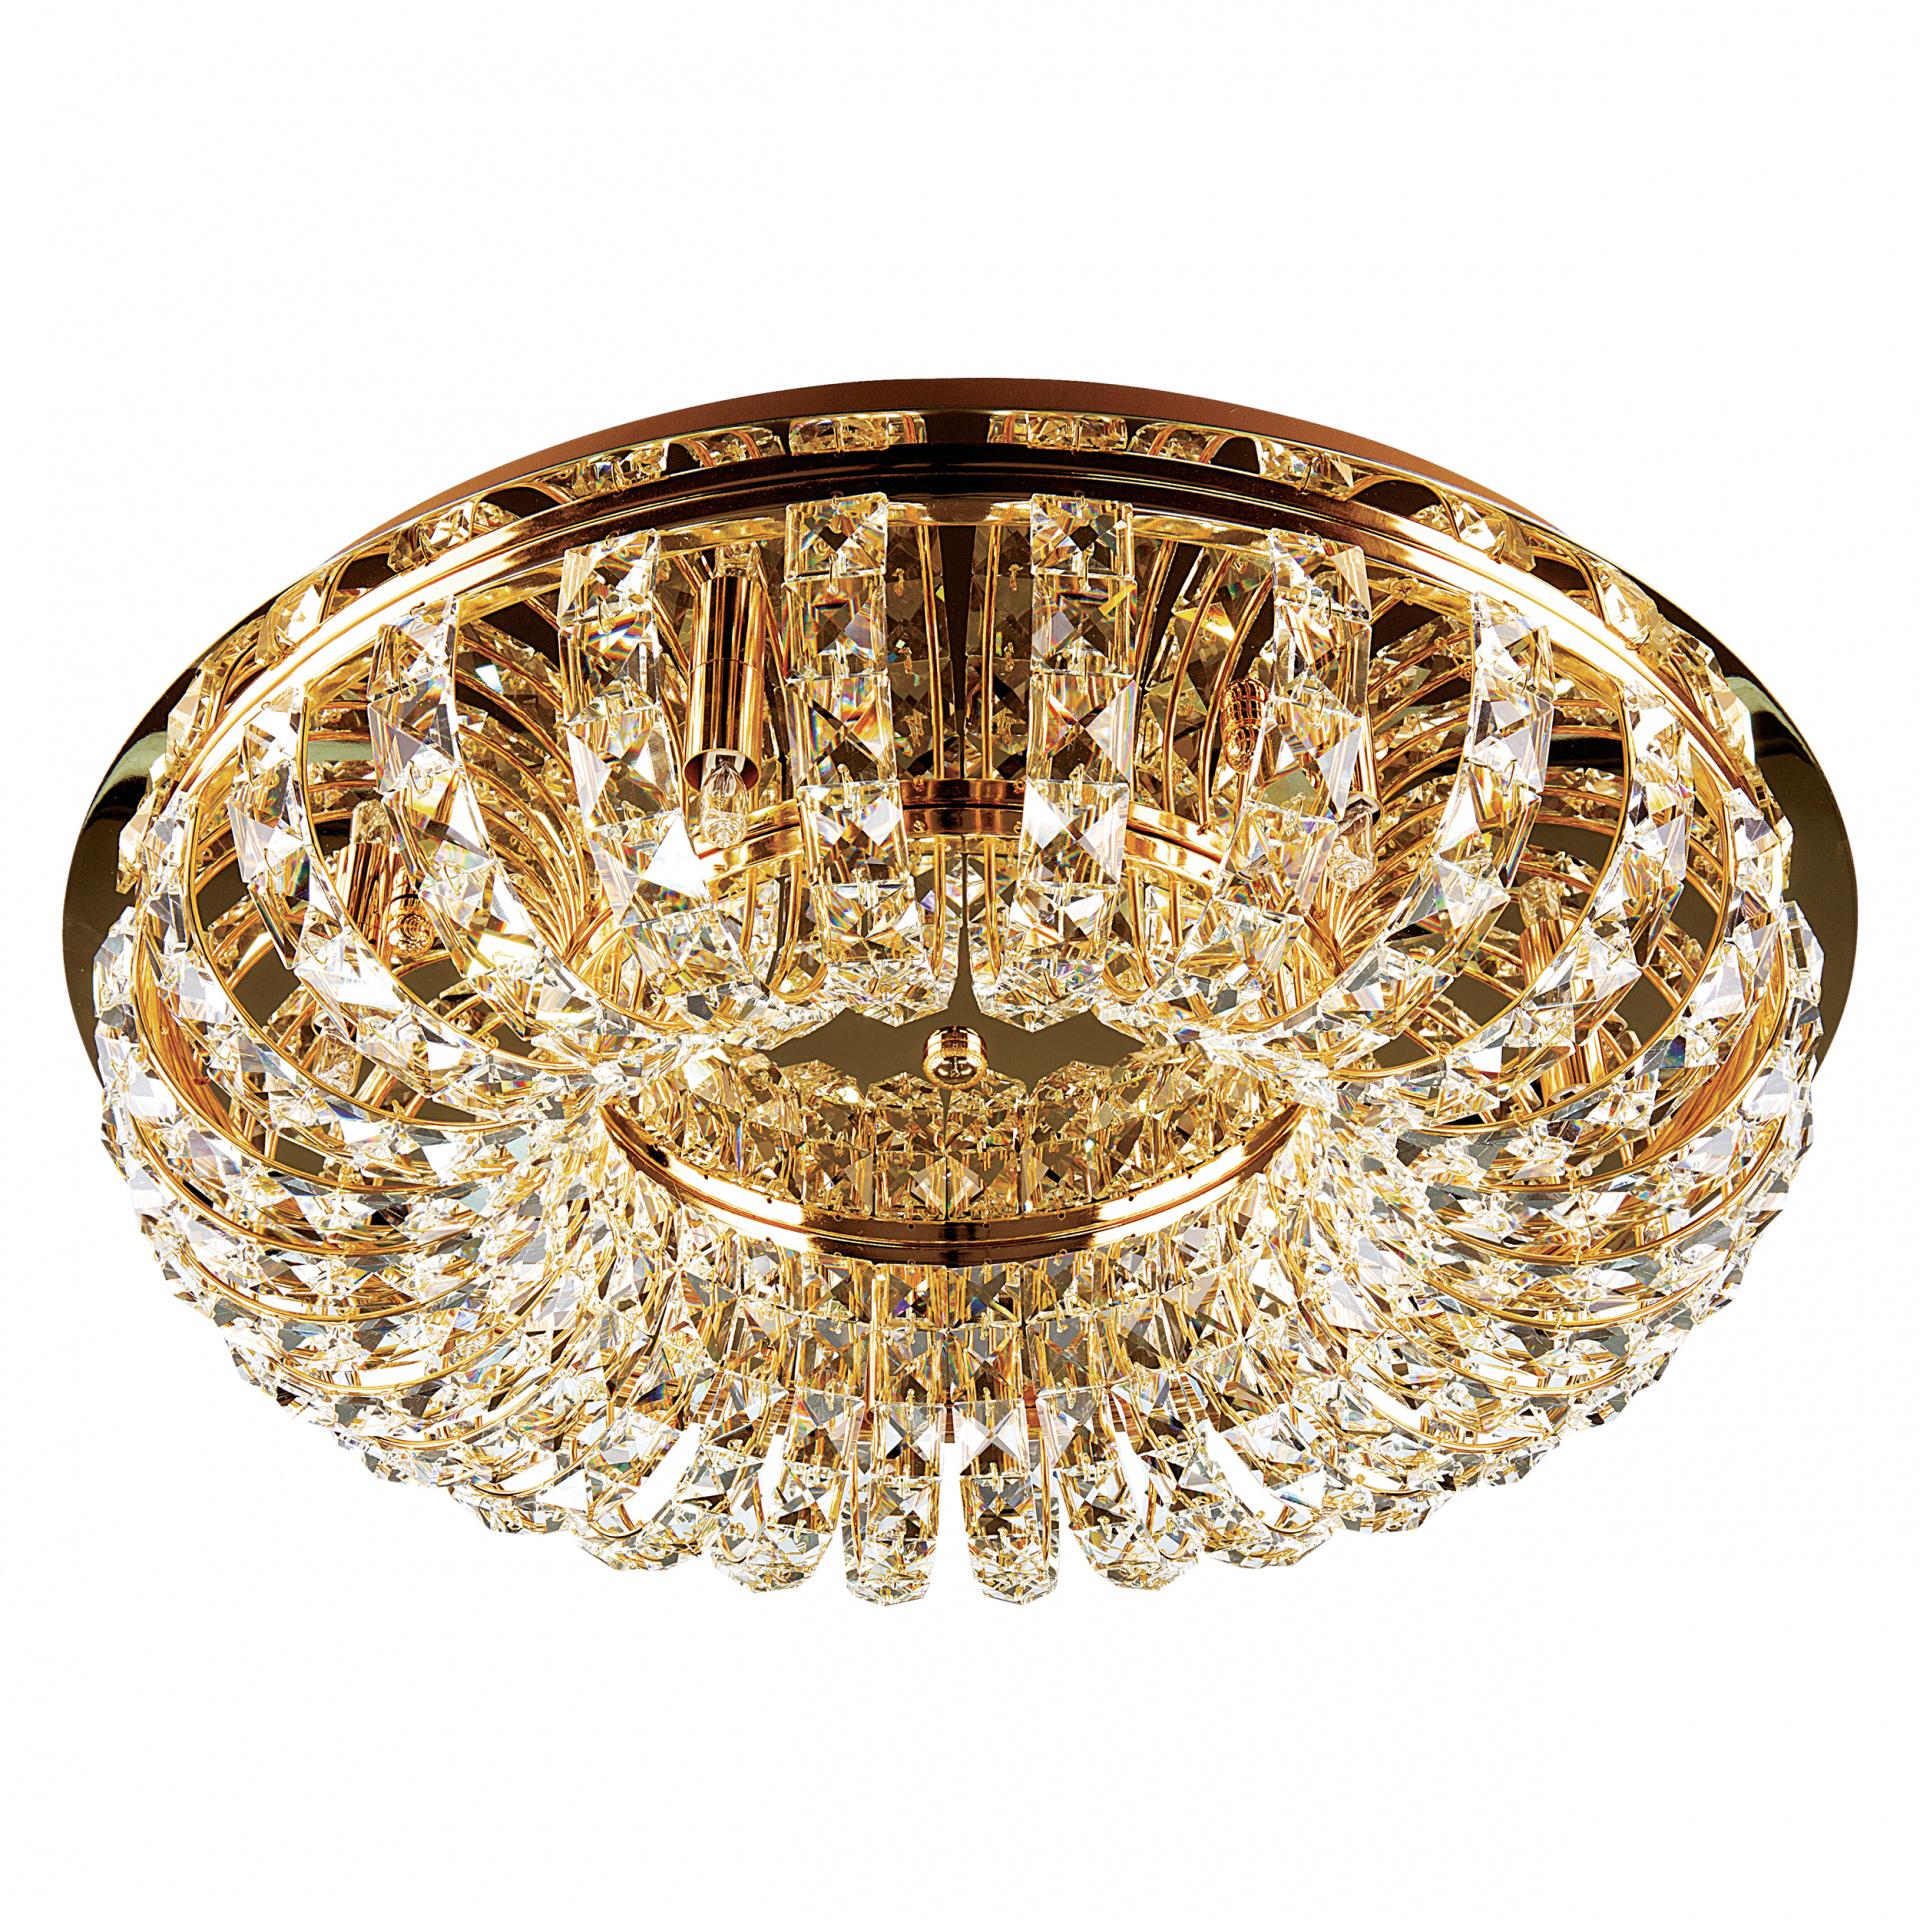 Плафон потолочный Onda 7х40W G9 золото Lightstar 741072, купить в СПб, Москве, с доставкой, Санкт-Петербург, интернет-магазин люстр и светильников Starlight, фото в жизни